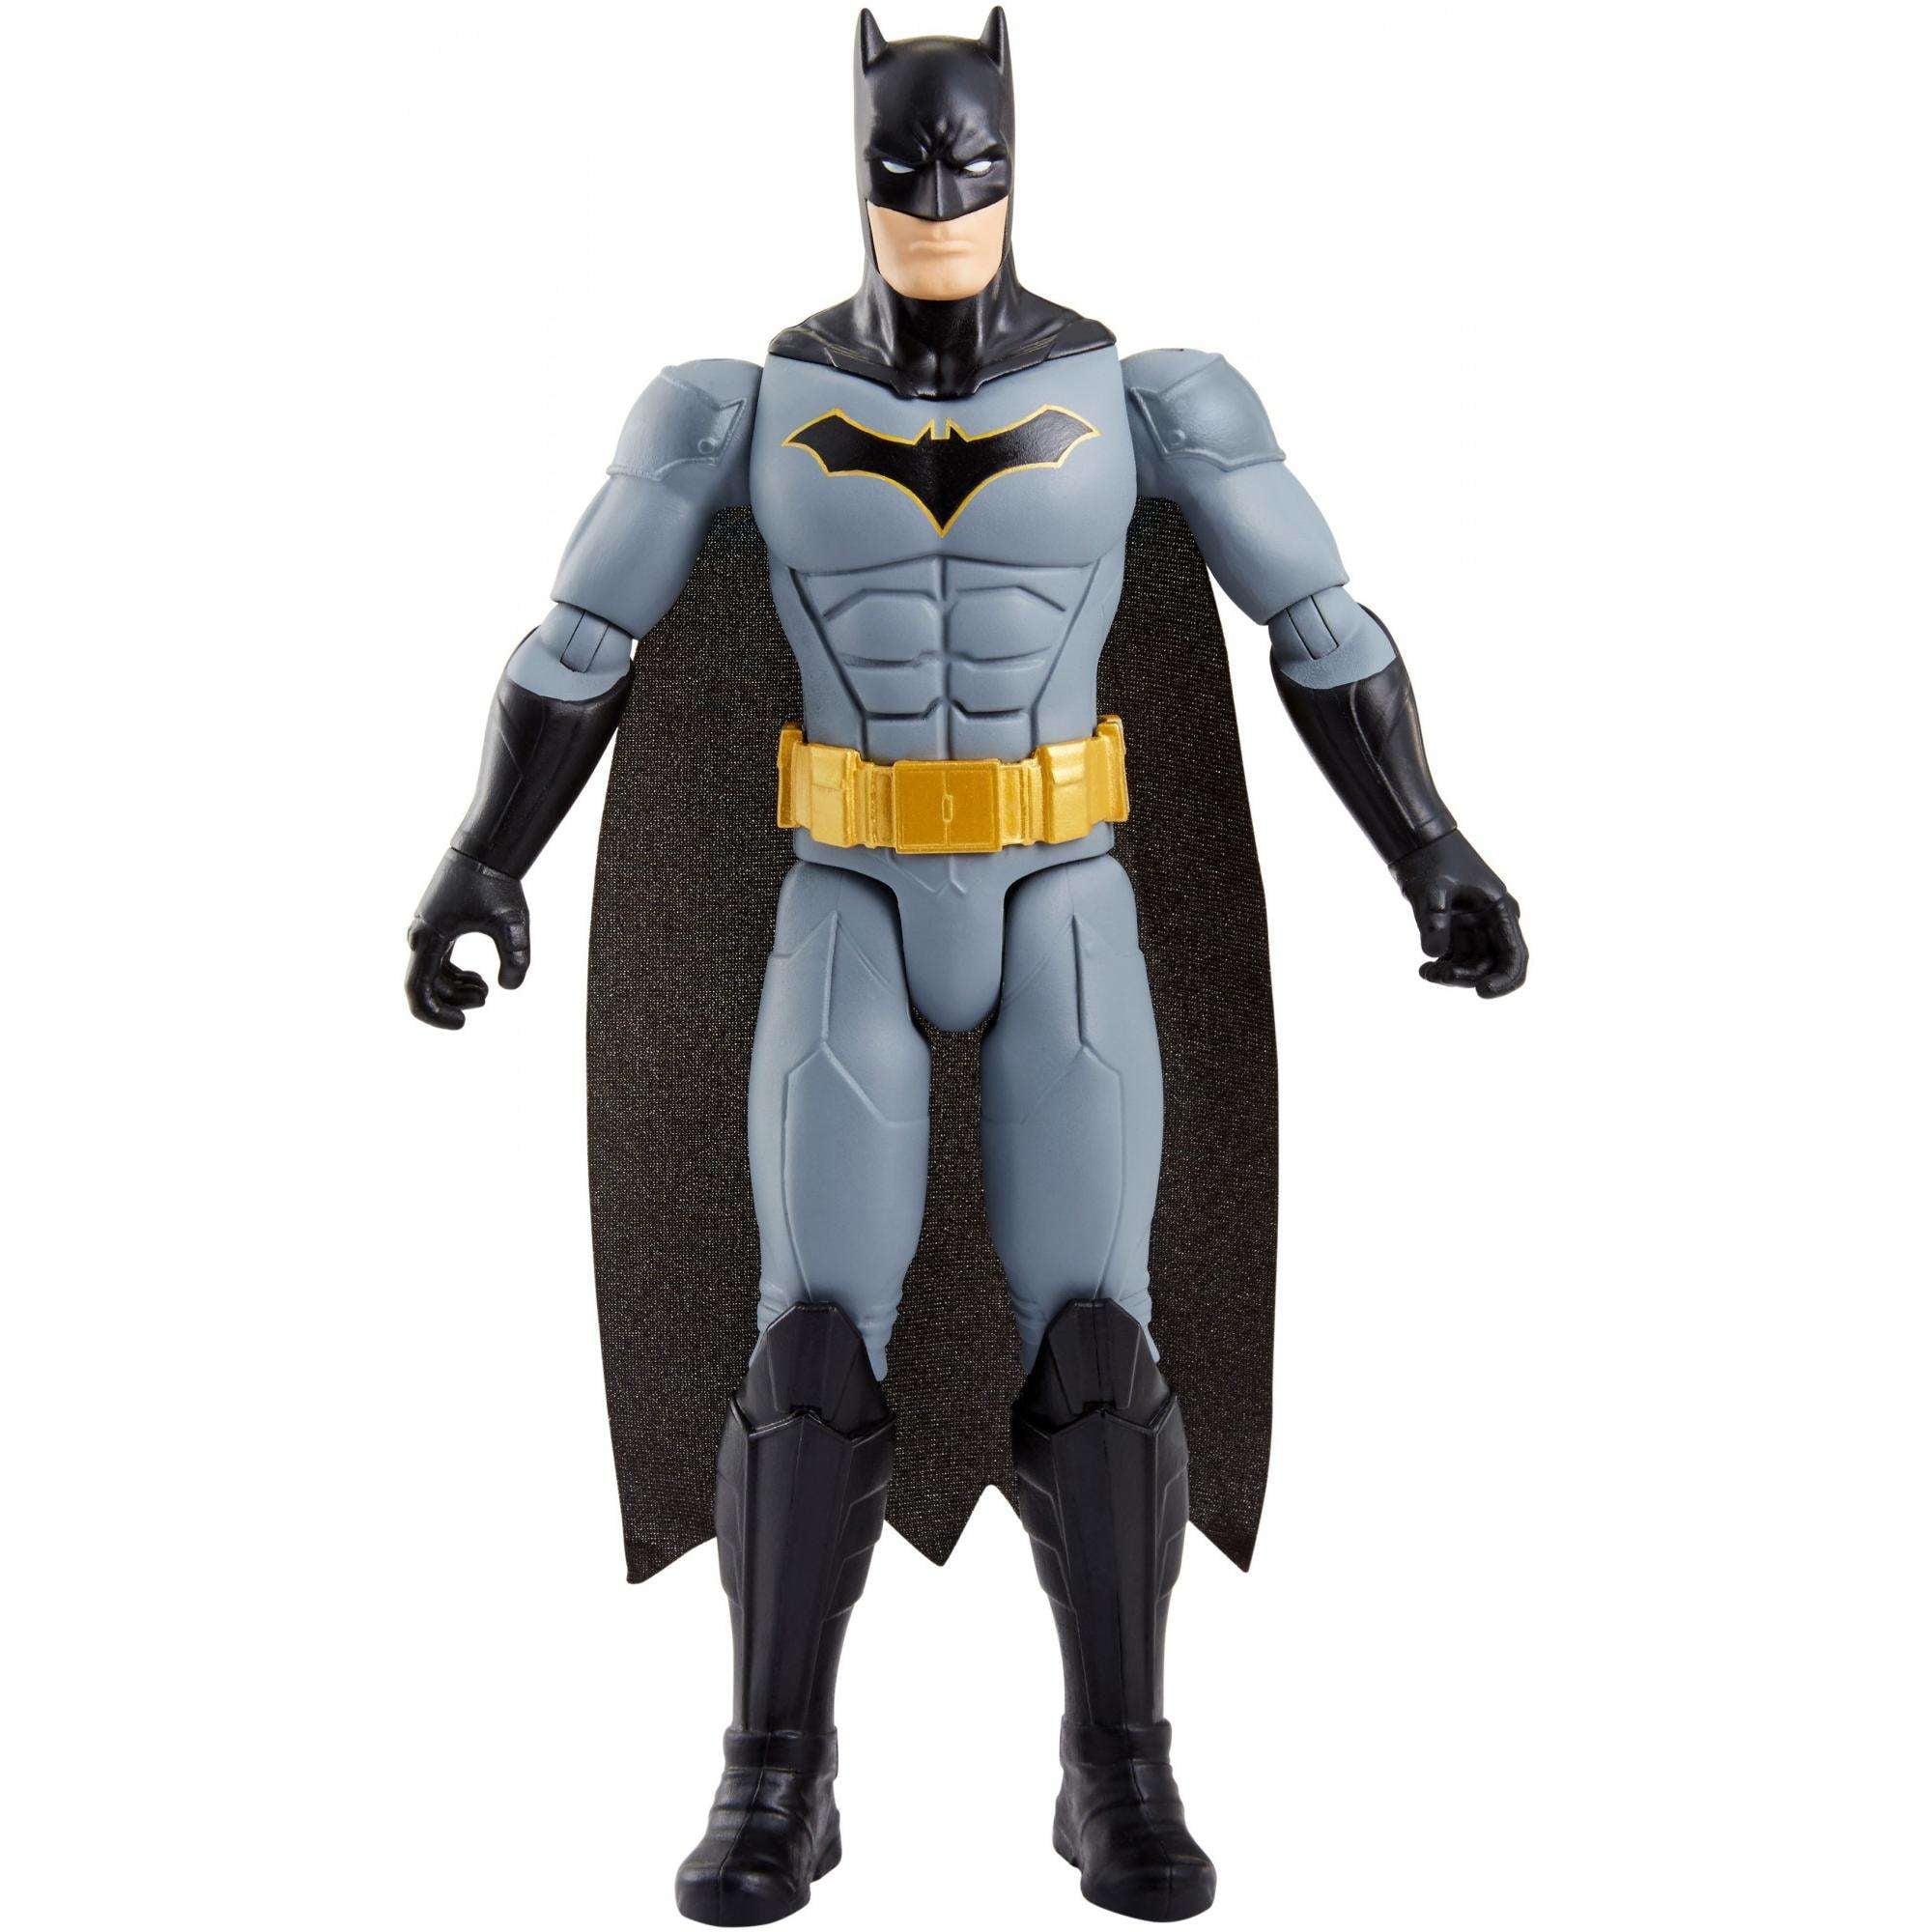 DC Comics Batman Missions 12-inch True-Moves Batman Figure